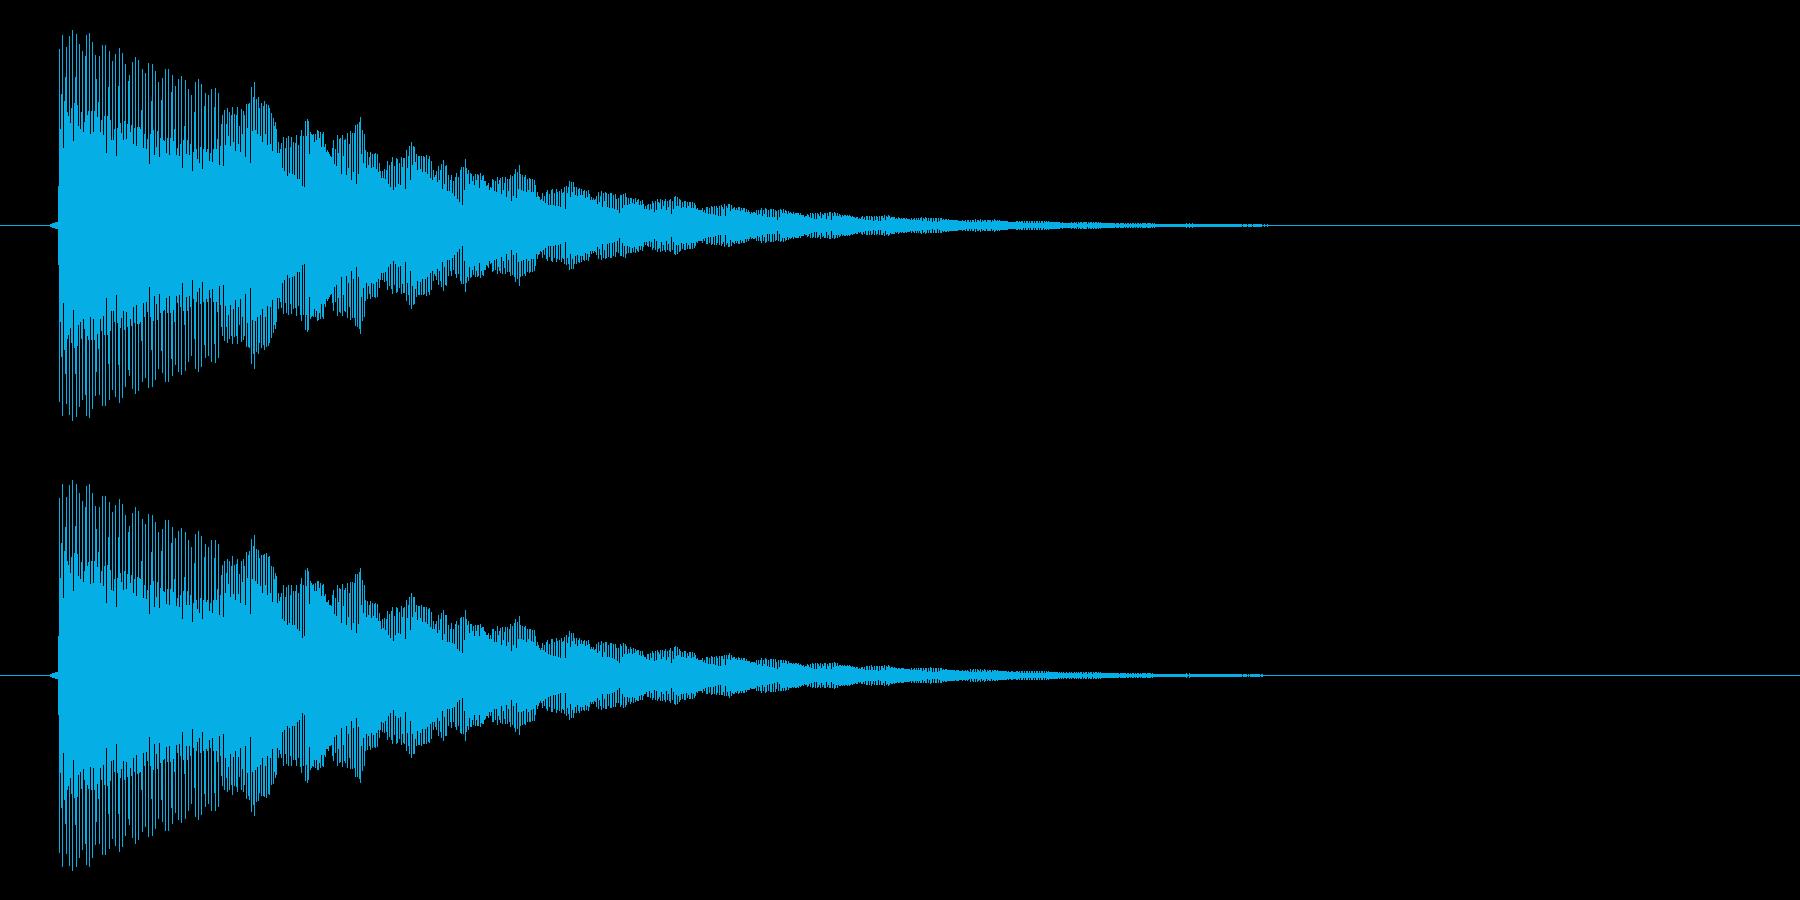 ぴこん/矢印/地図表示の再生済みの波形